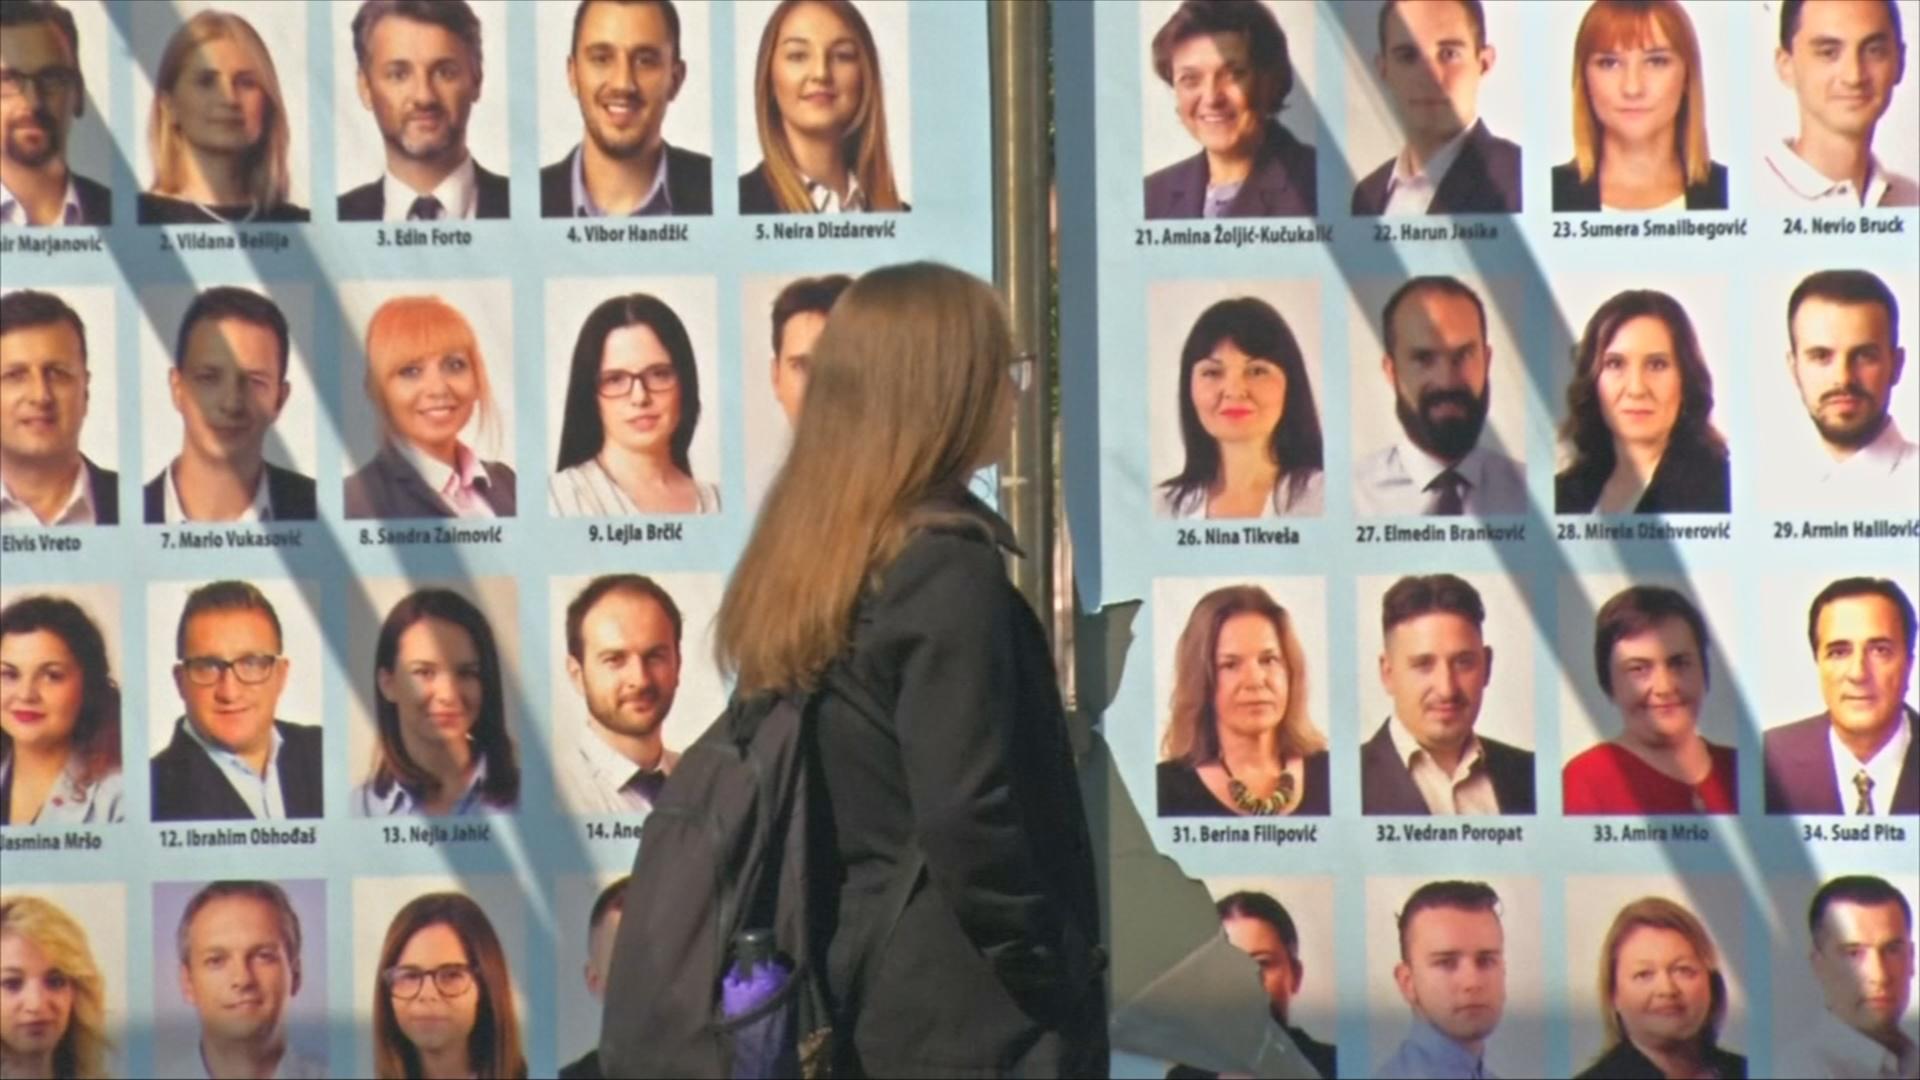 В преддверии выборов: боснийцы обеспокоены коррупцией и безработицей